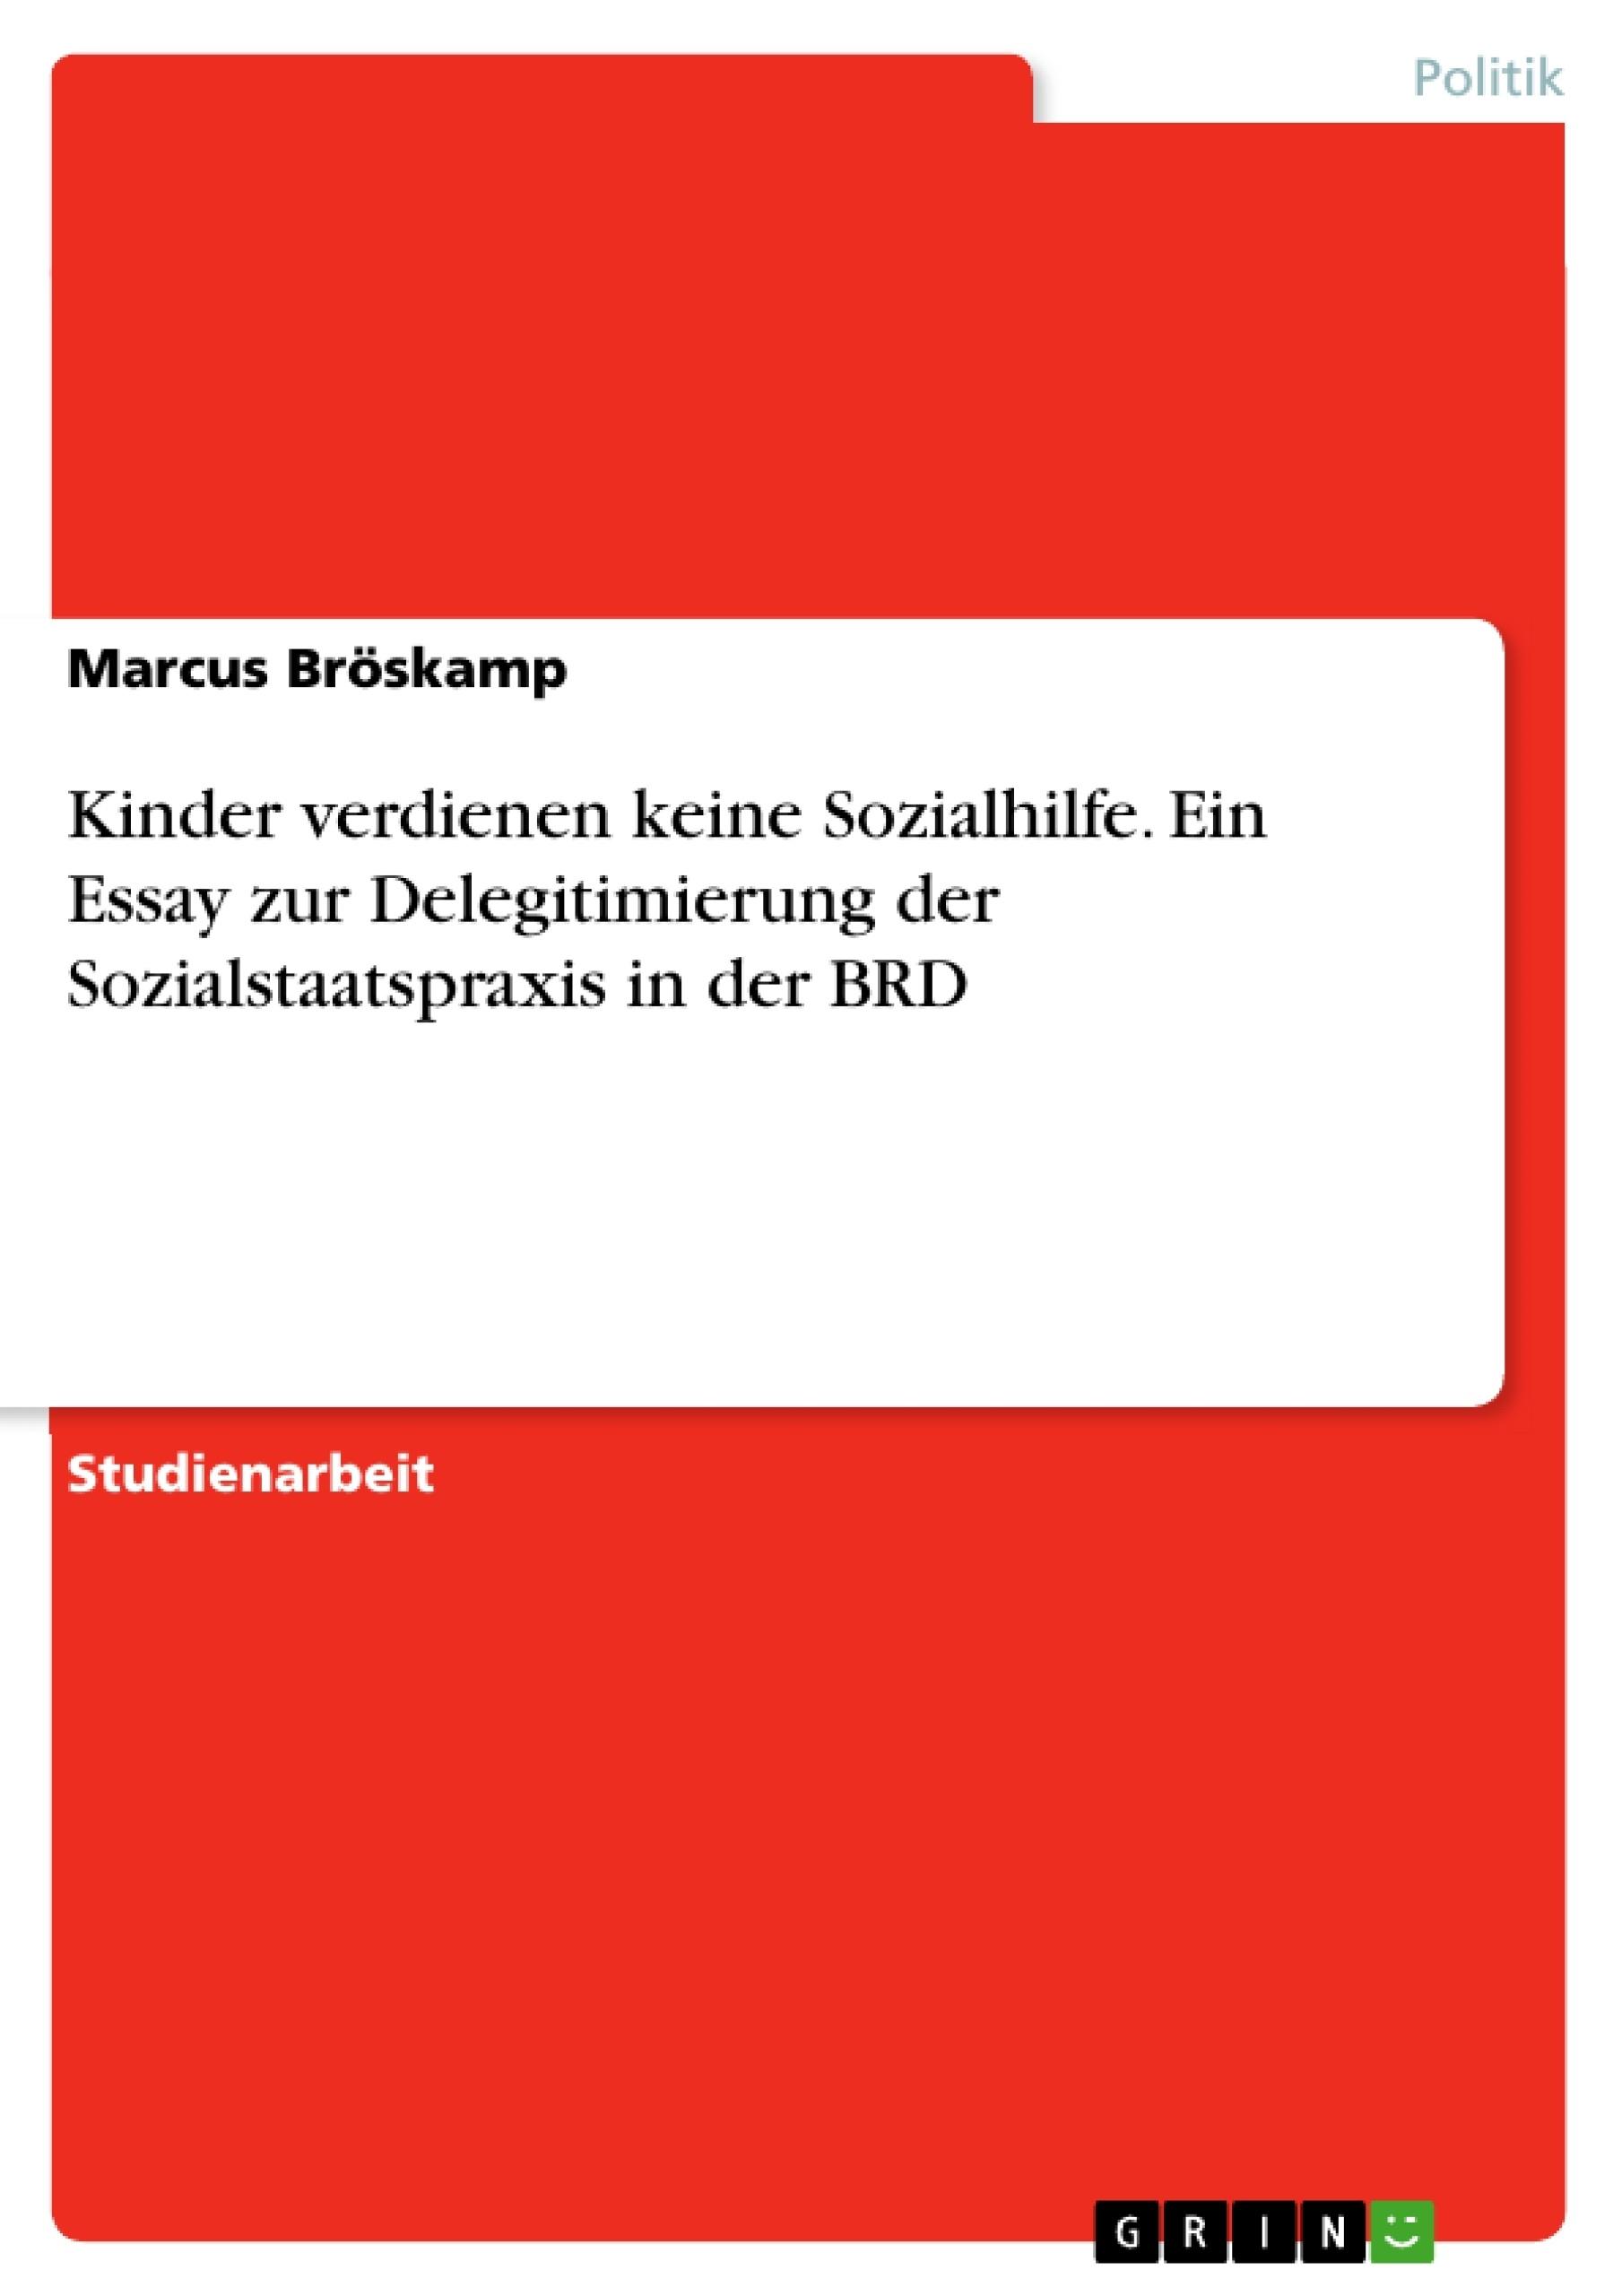 Titel: Kinder verdienen keine Sozialhilfe. Ein Essay zur Delegitimierung der Sozialstaatspraxis in der BRD